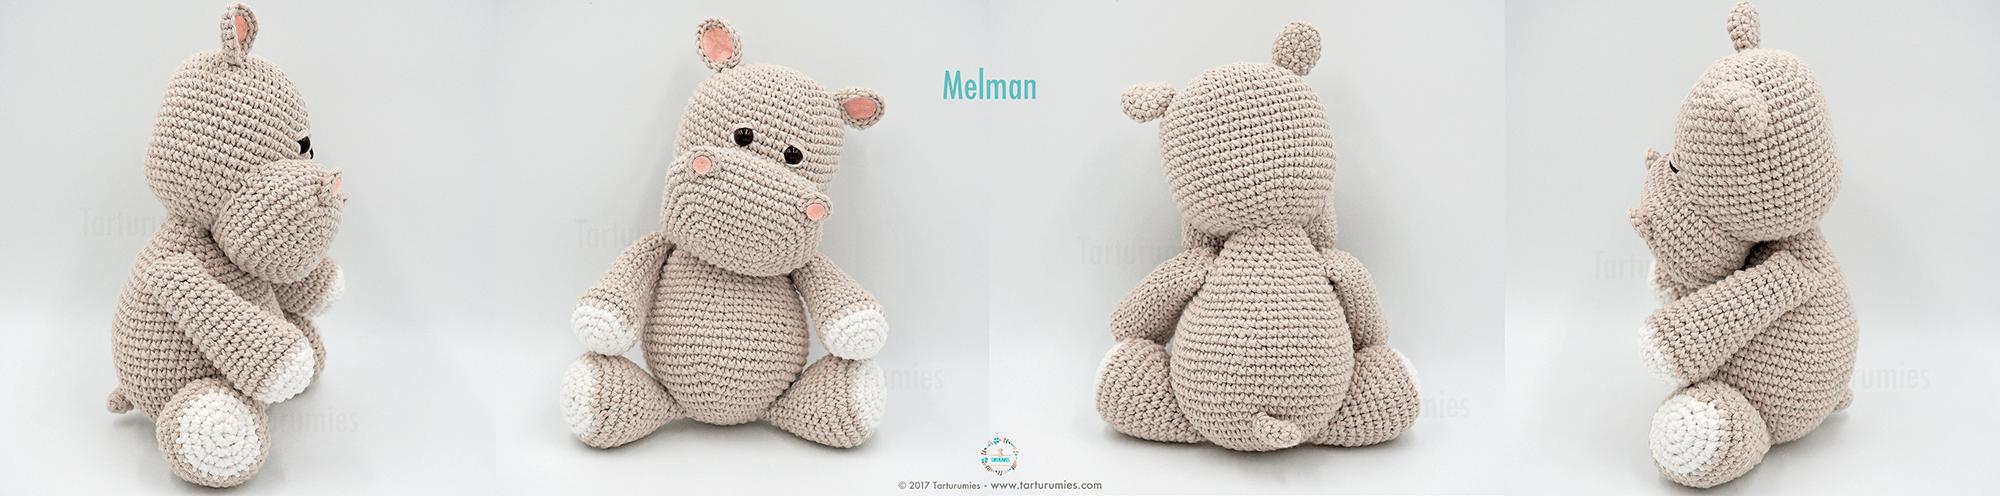 Amigurumi Patrón: El hipopótamo Melman y su amigo Pi – Tarturumies